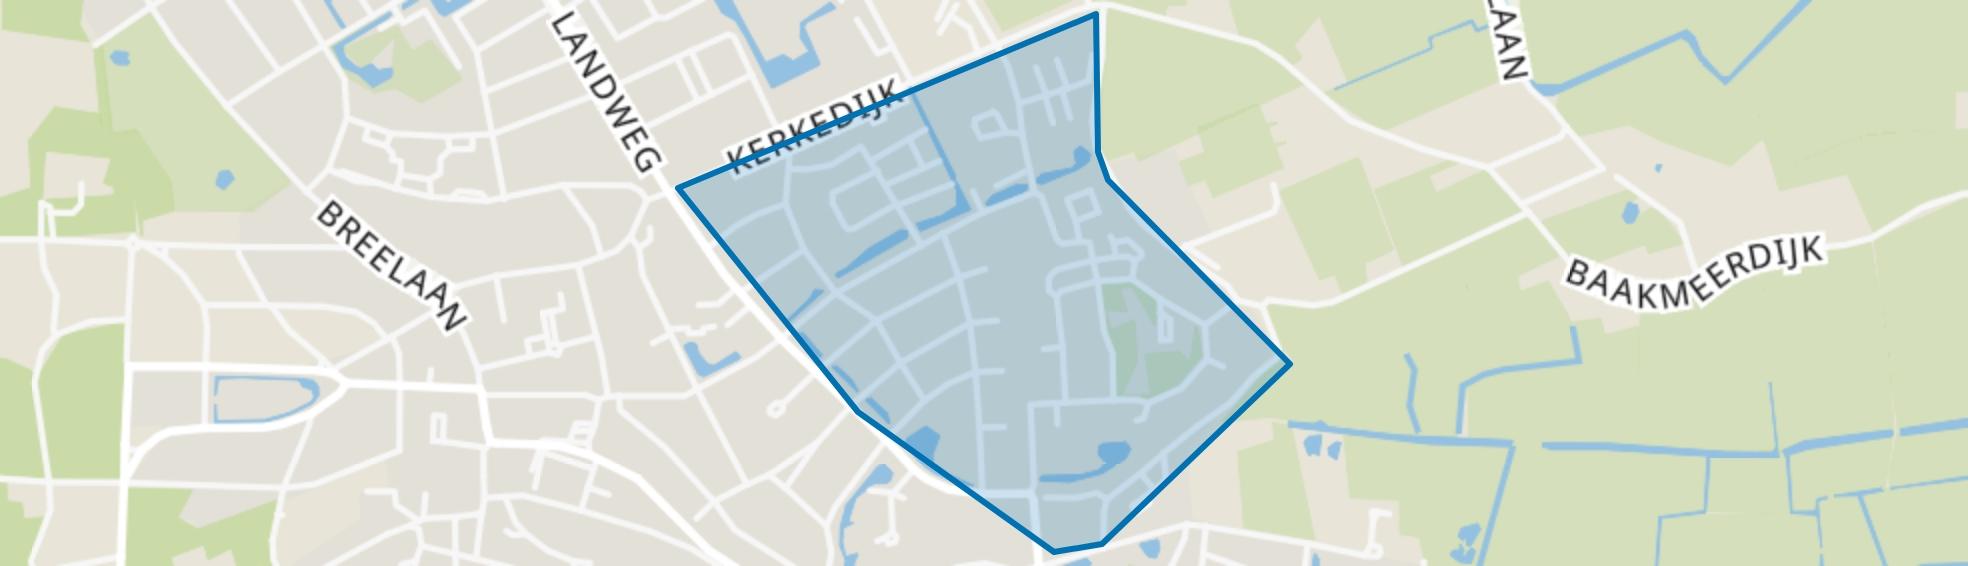 De Rekere, Bergen (NH) map